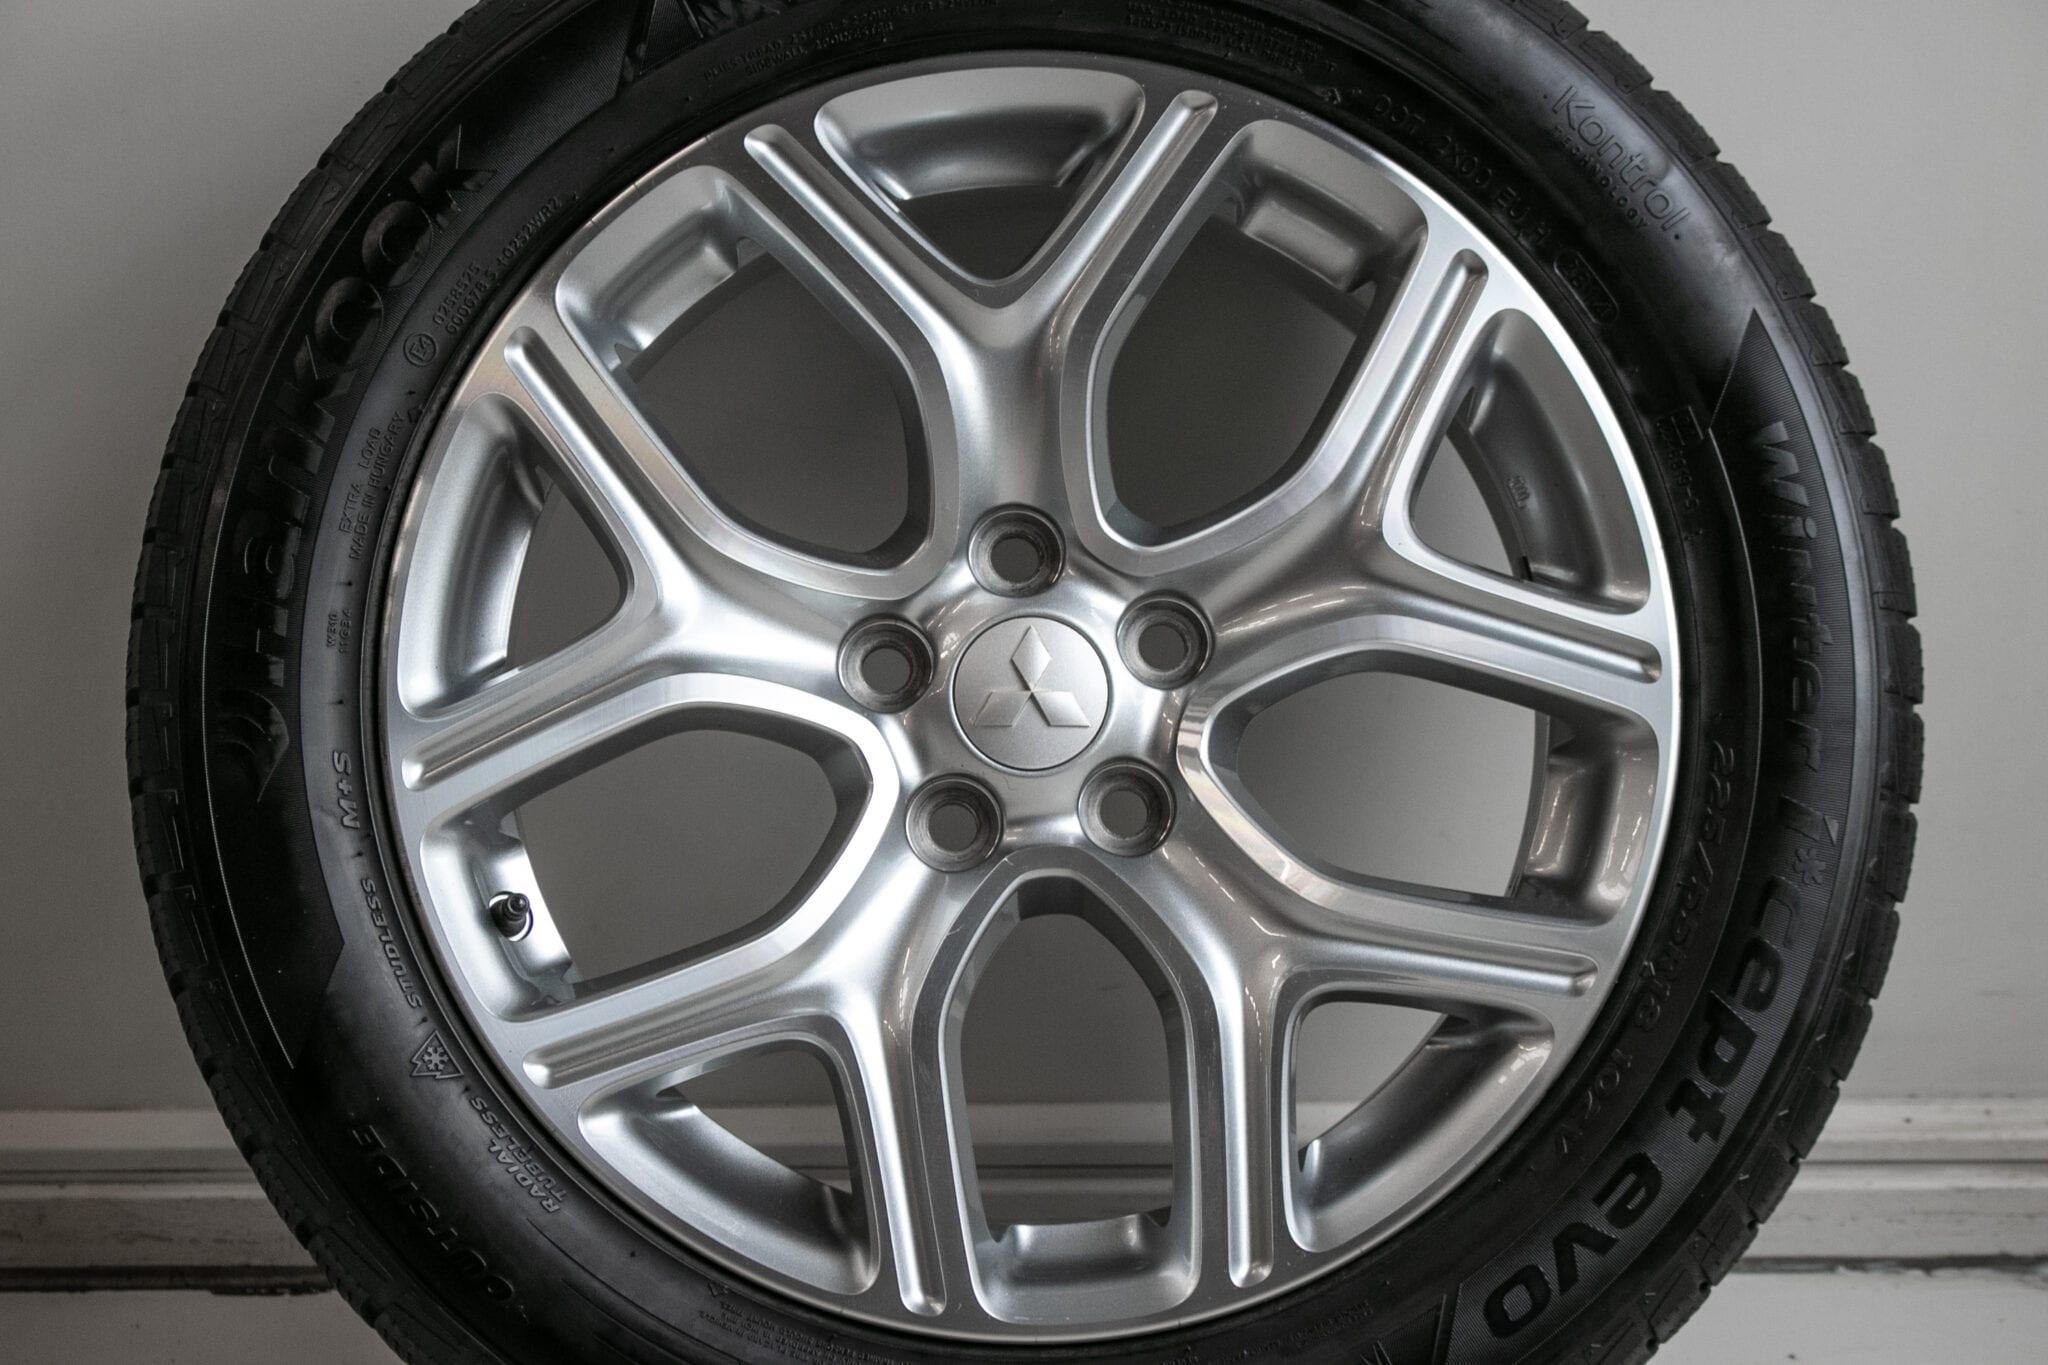 """18"""" Winterwielen voor een Mitsubishi Outlander (PHEV)  €399,- Gebruikt. Profieldiepte: 5.5mm - 6.2mm"""